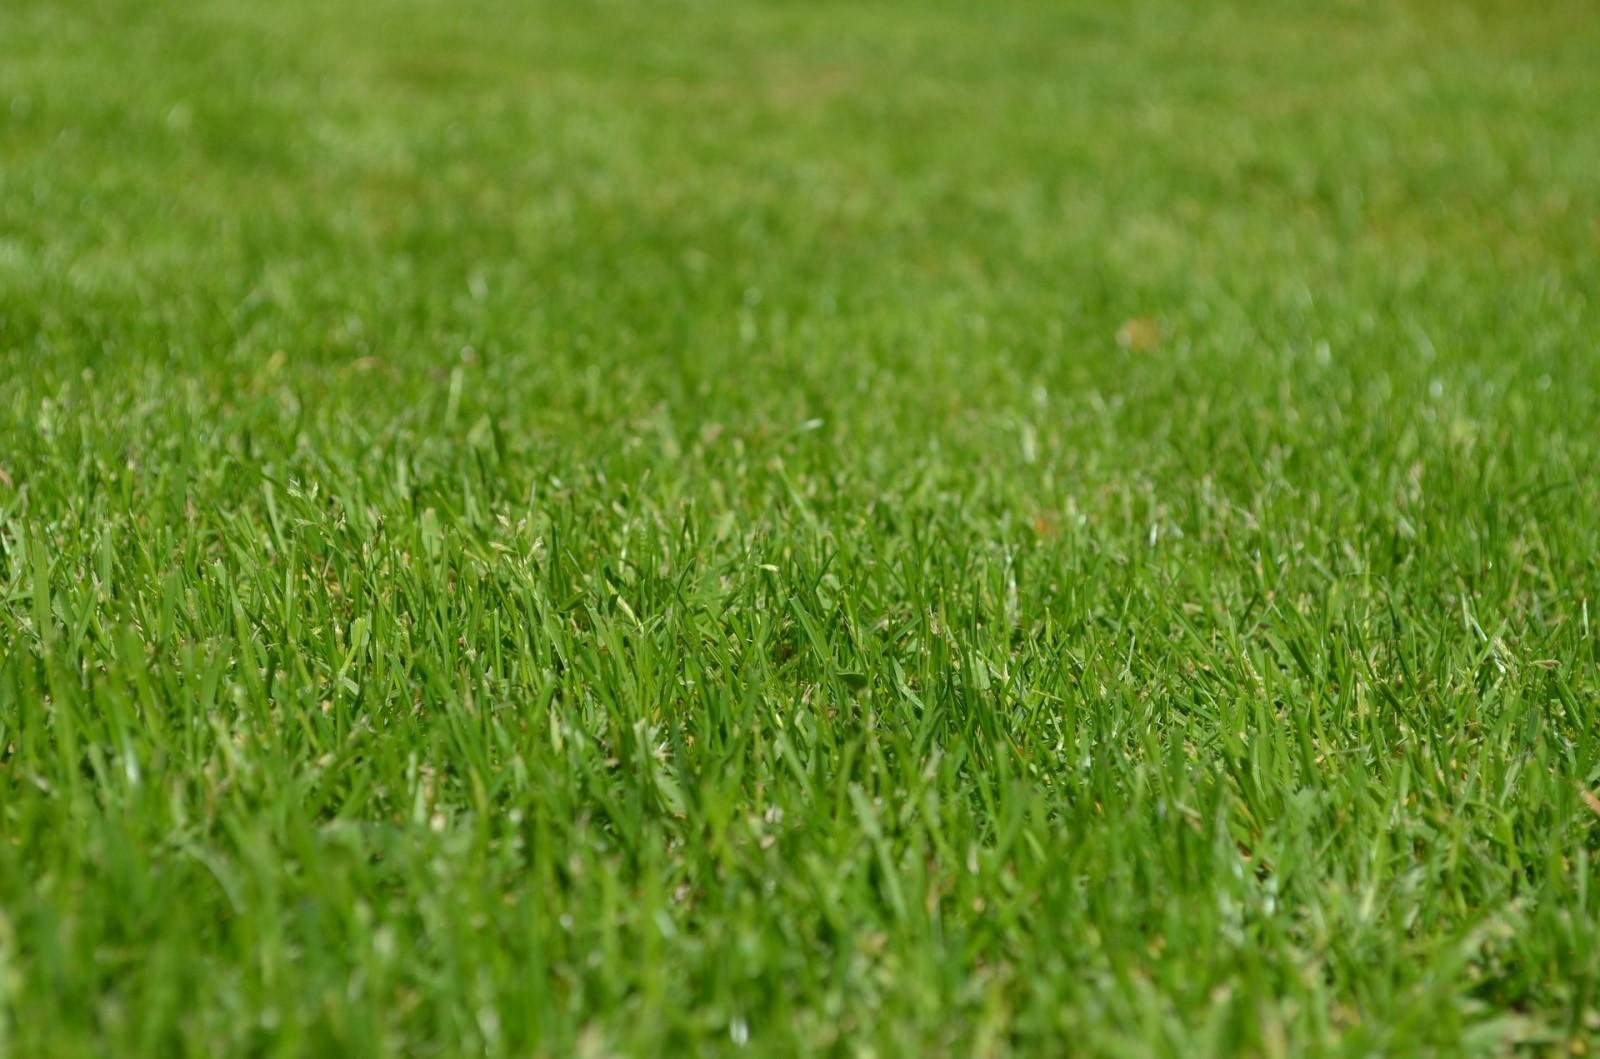 grama-sintetica-em-sao-paulo-verde-decoracao